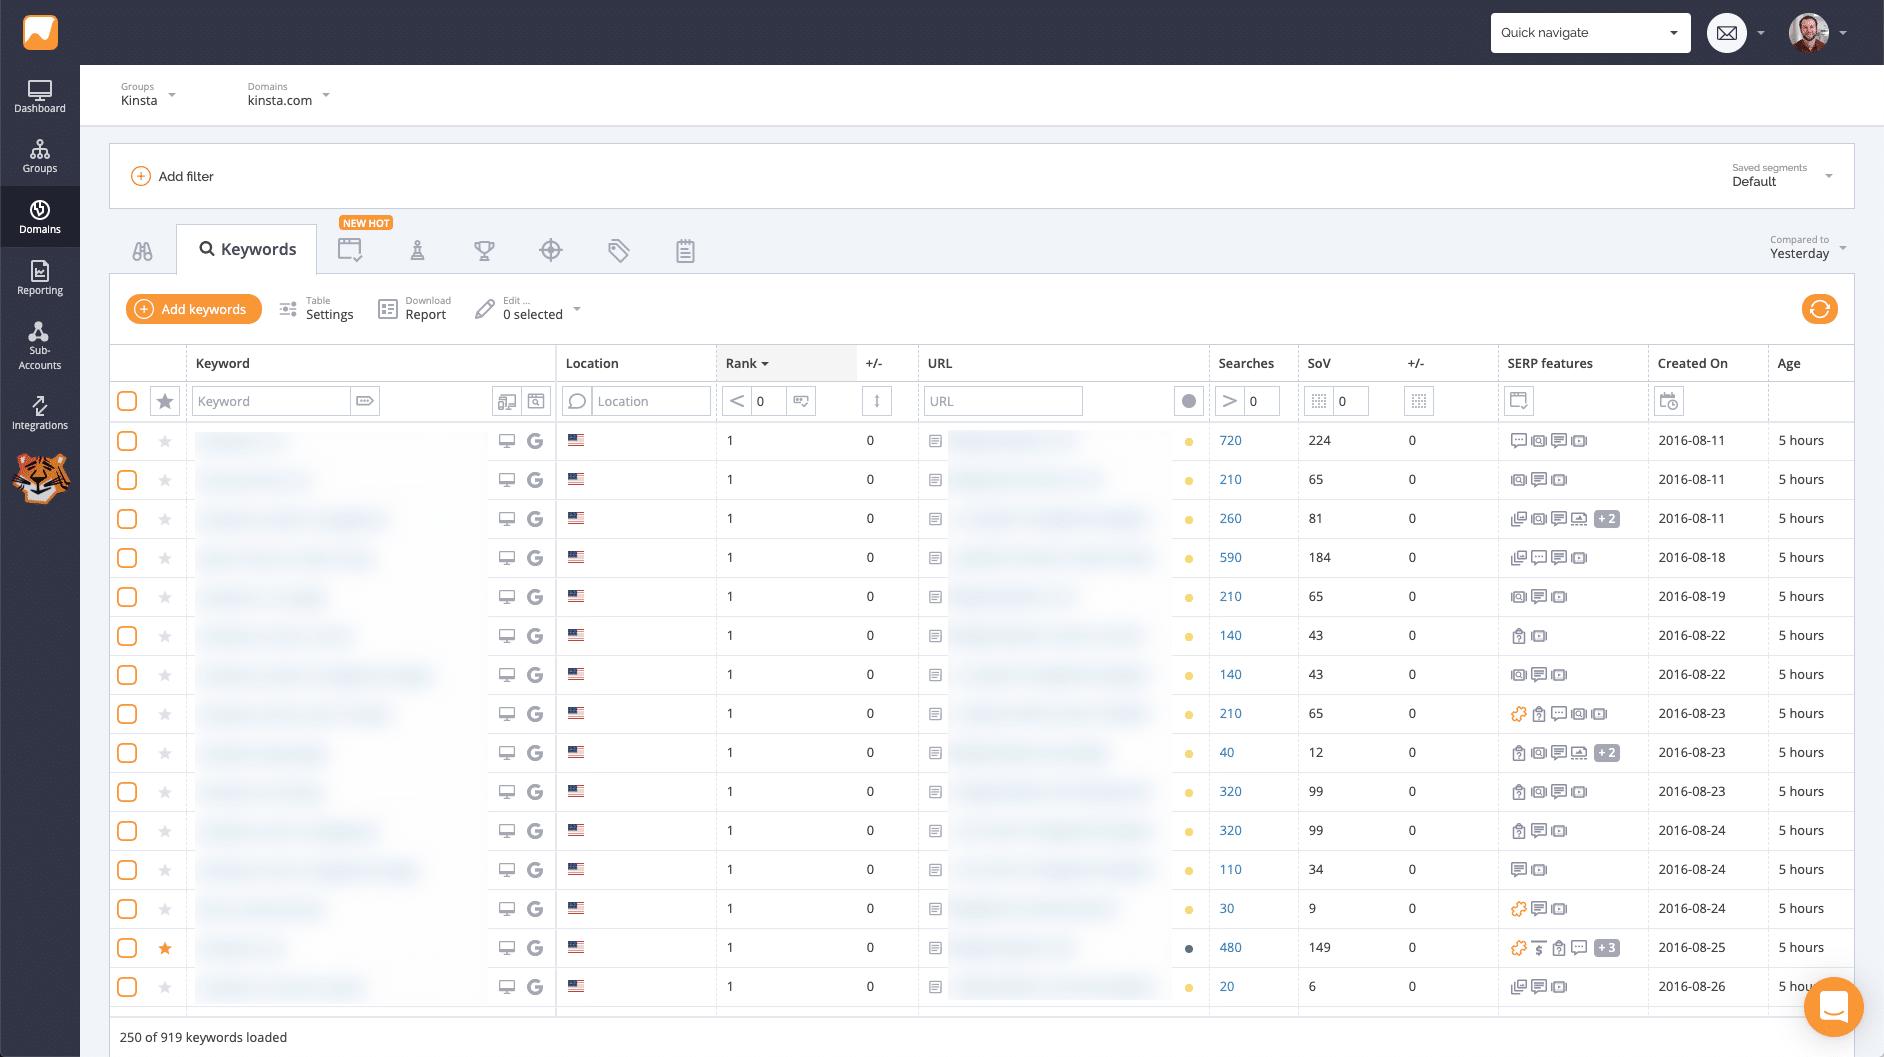 Monitorare il posizionamento delle parole chiave con AccuRanker